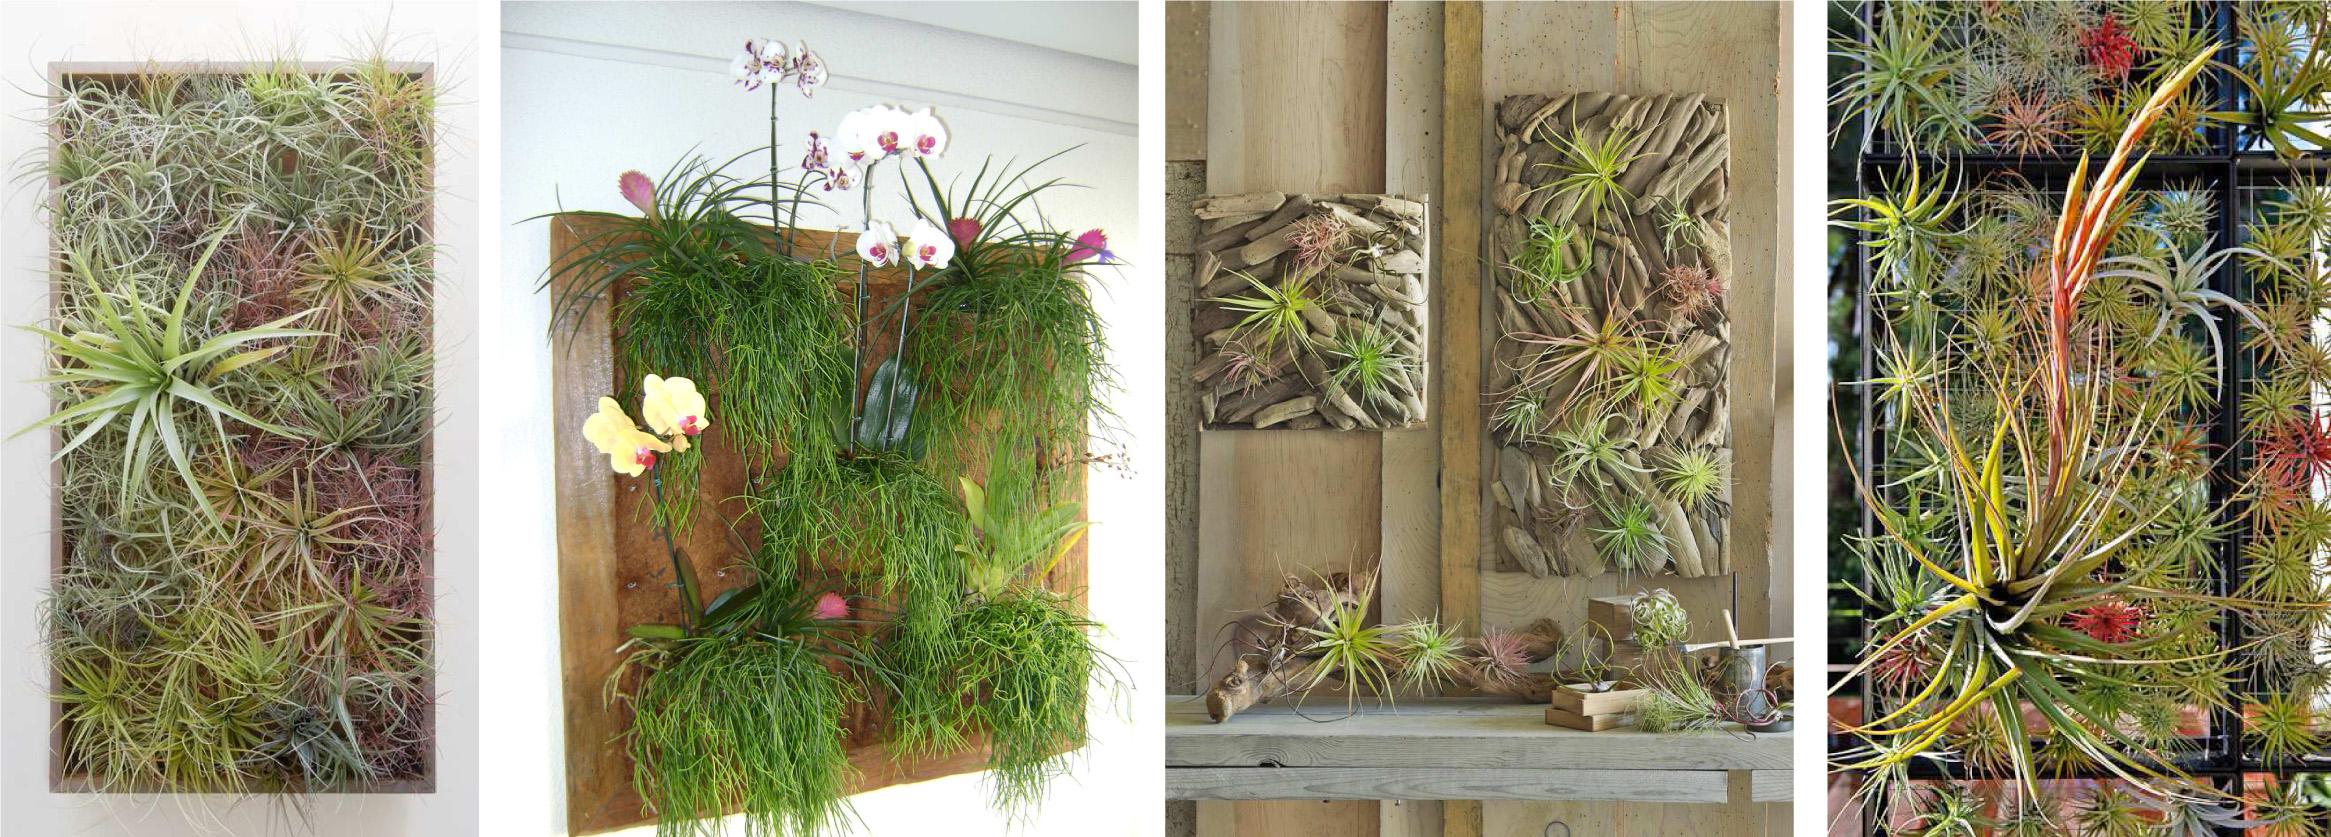 Plantas ep fitas para los jardines verticales paivertpaivert for Plantas usadas para jardines verticales